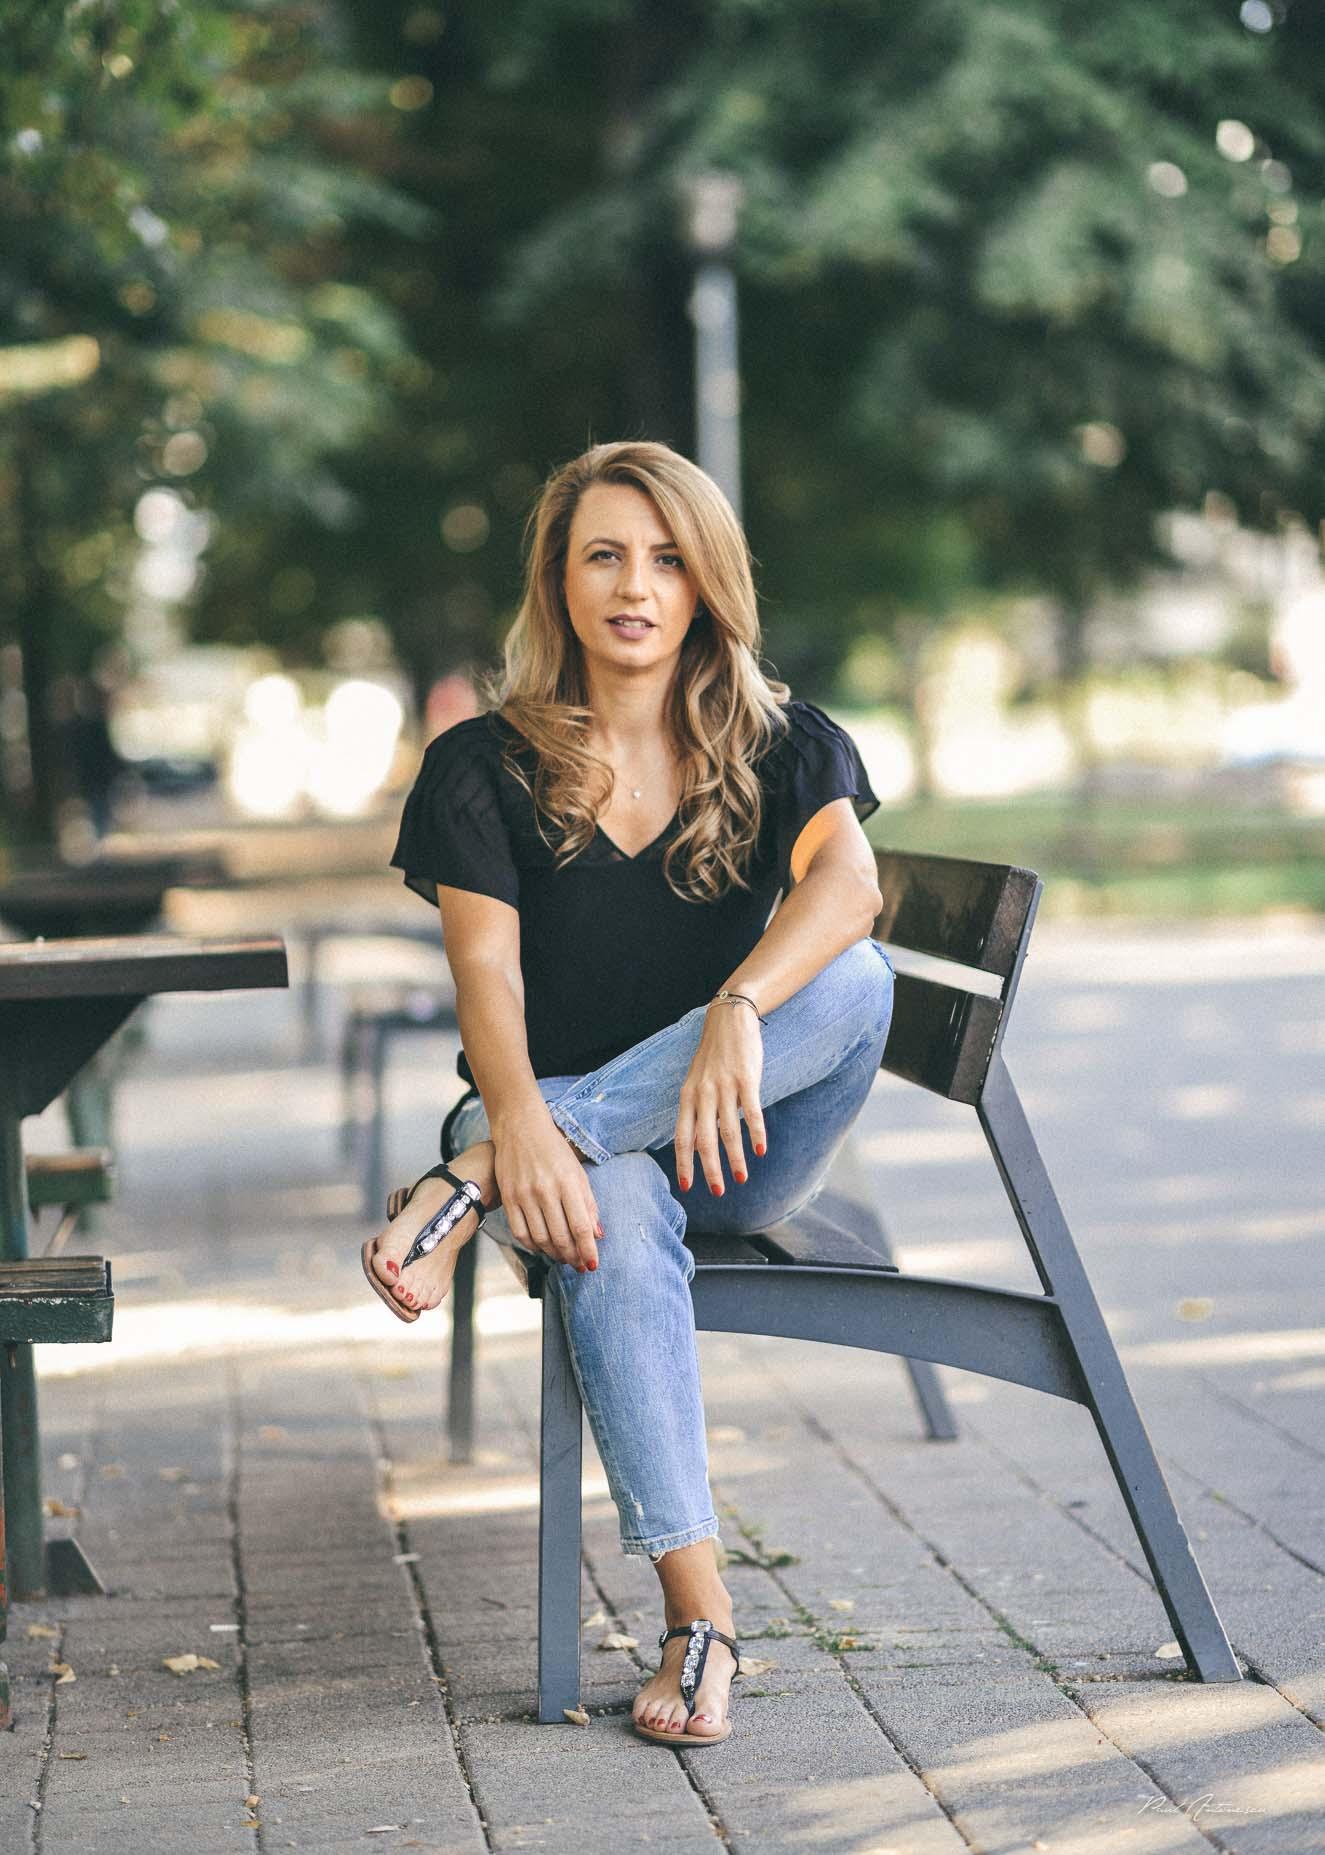 Potret de fata cu par blond ce poarta blugi, sandale negre, bluza neagra, fotografiata urban pe timp de zi